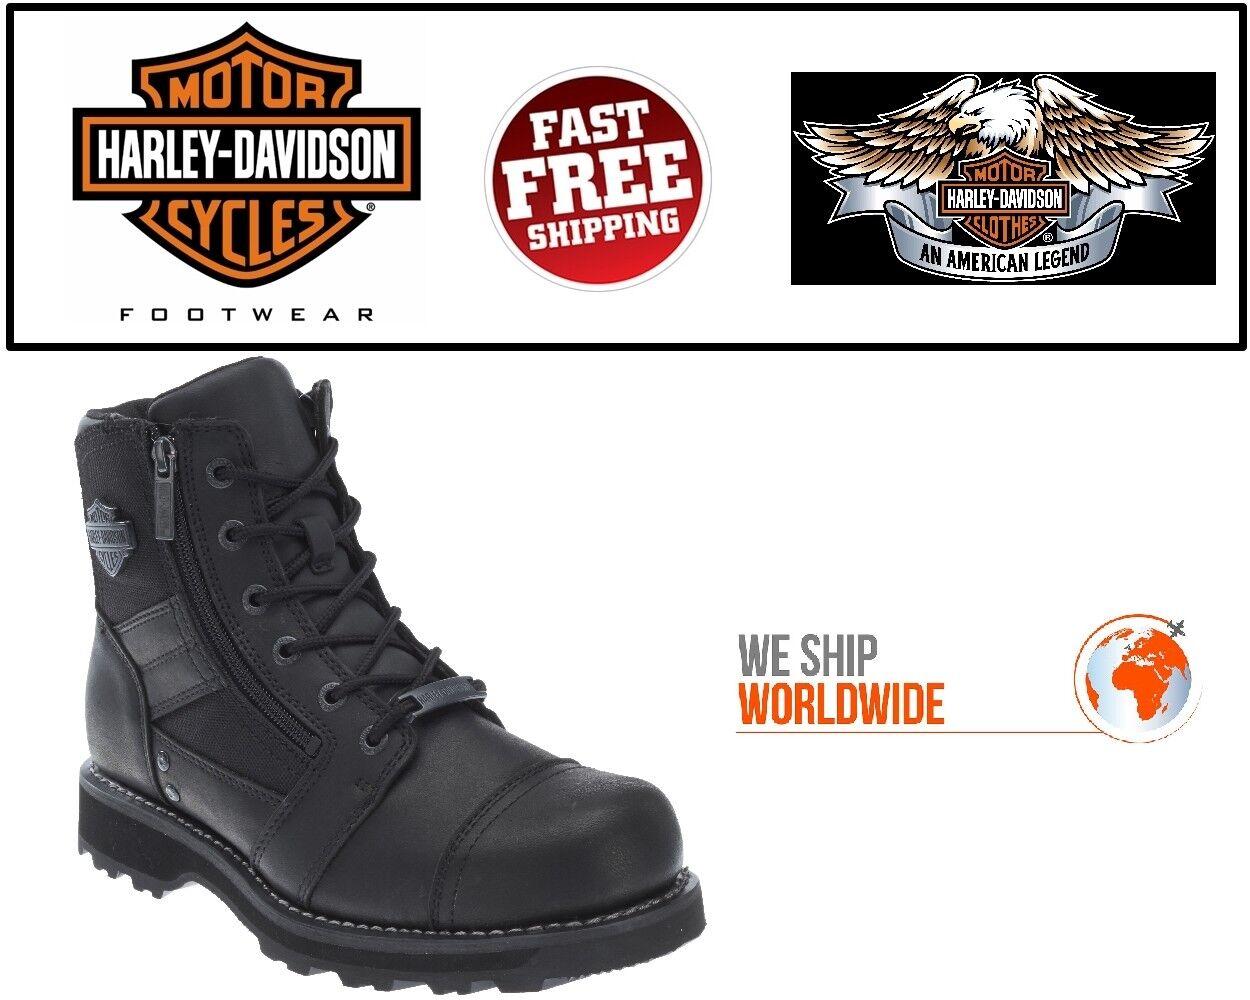 elige tu favorito Harley Davidson D93369 Hombre Cuero Moto